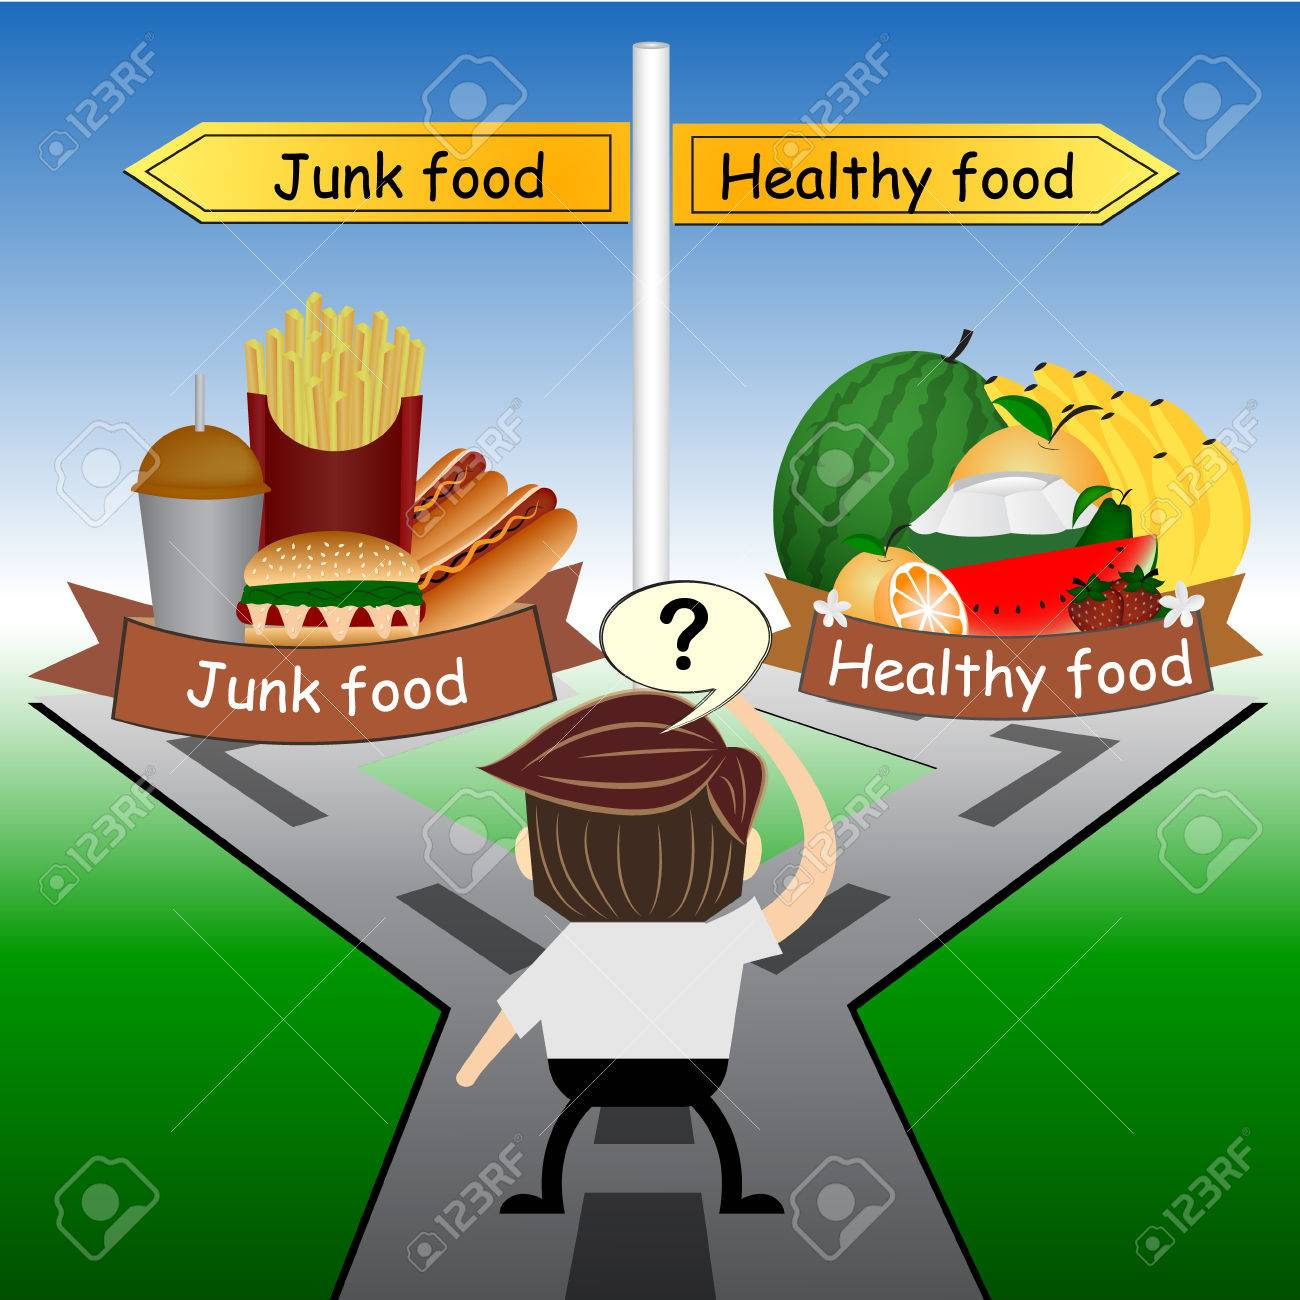 metaphor humour design ,Choose between healthy food and junk